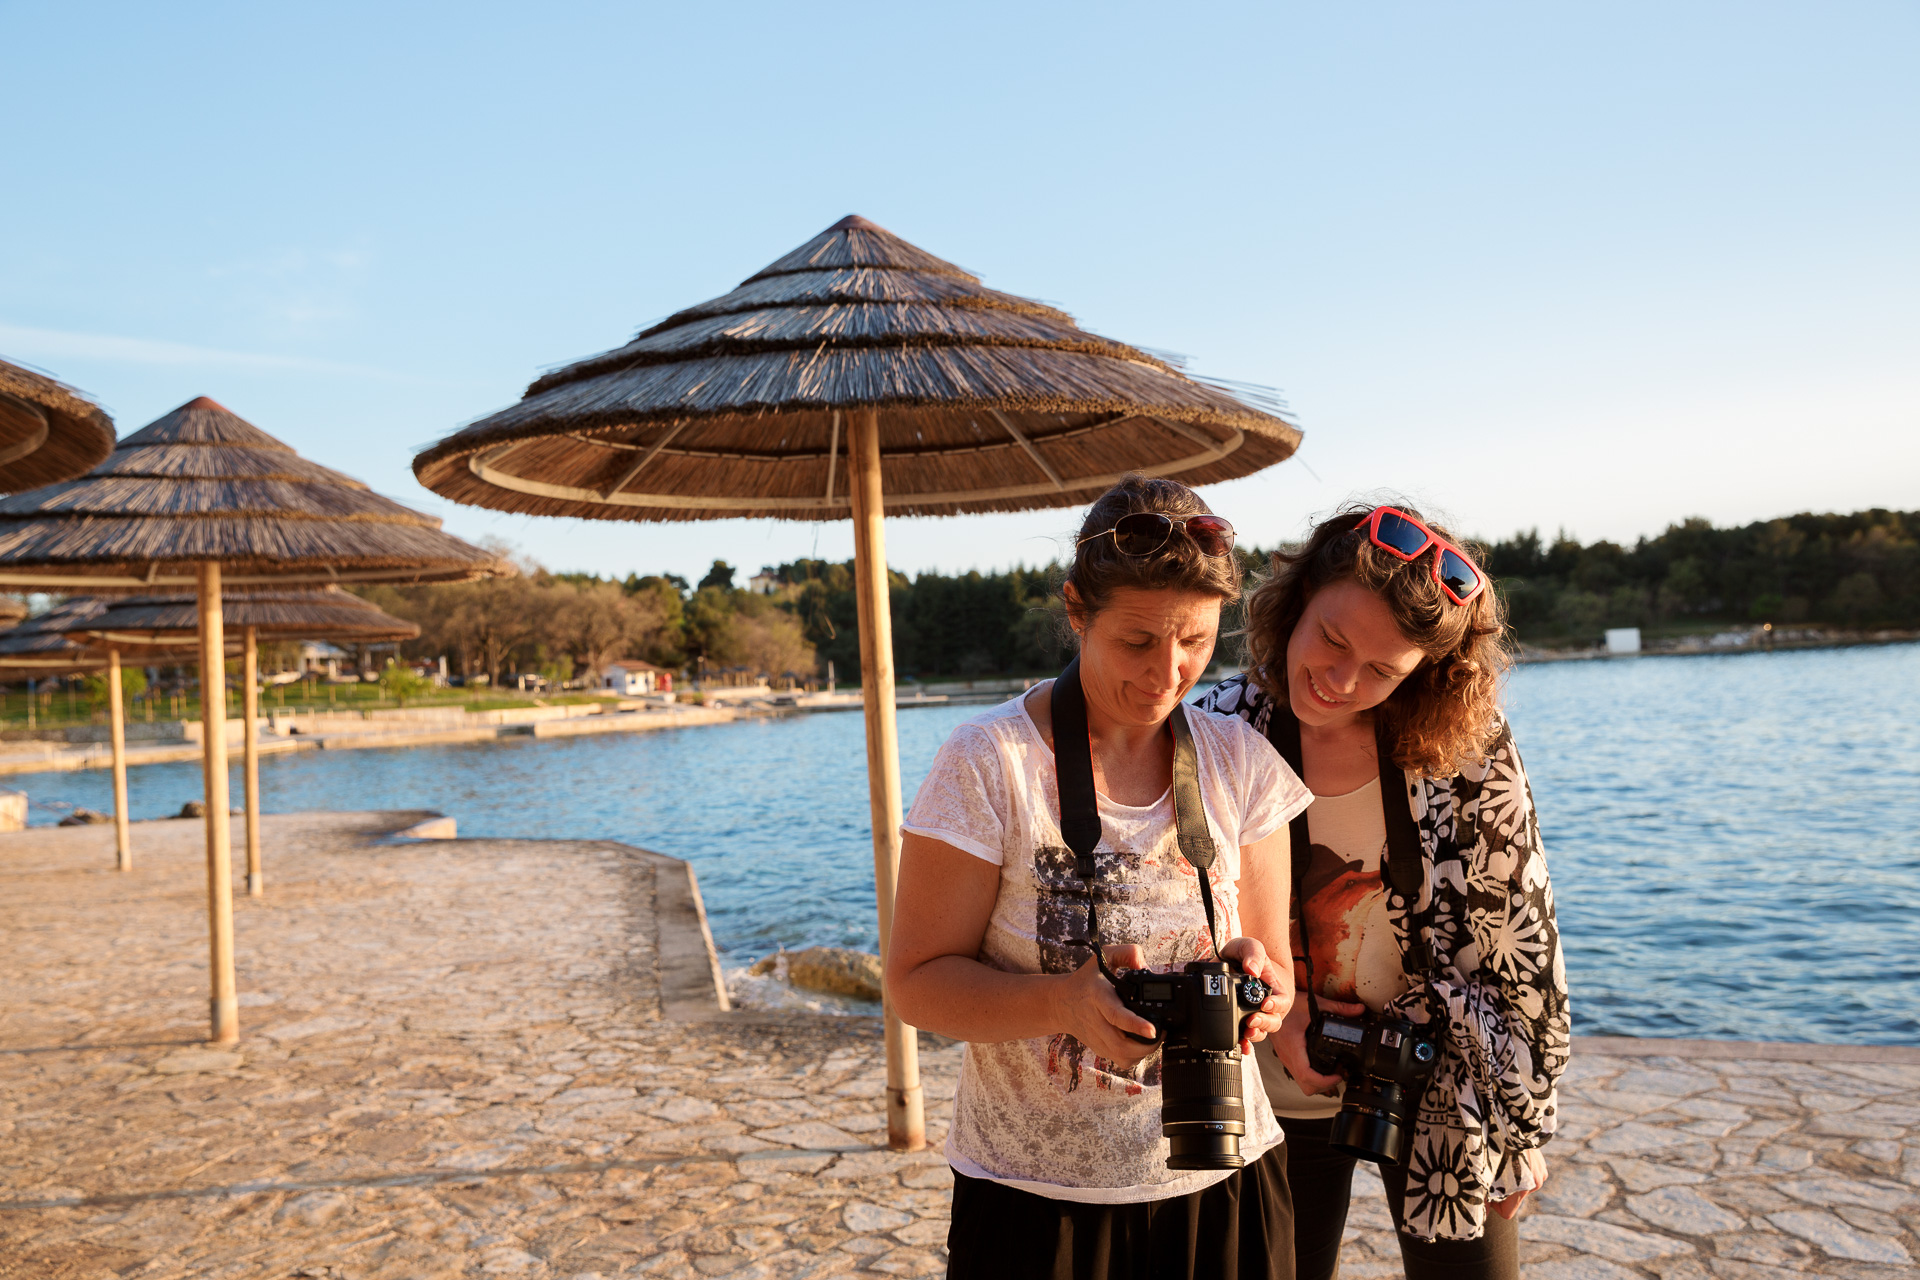 Damit es nicht zu voll wird. Wir legen bei unseren Fotoreisen großen Wert auf kleine Reisegruppen.